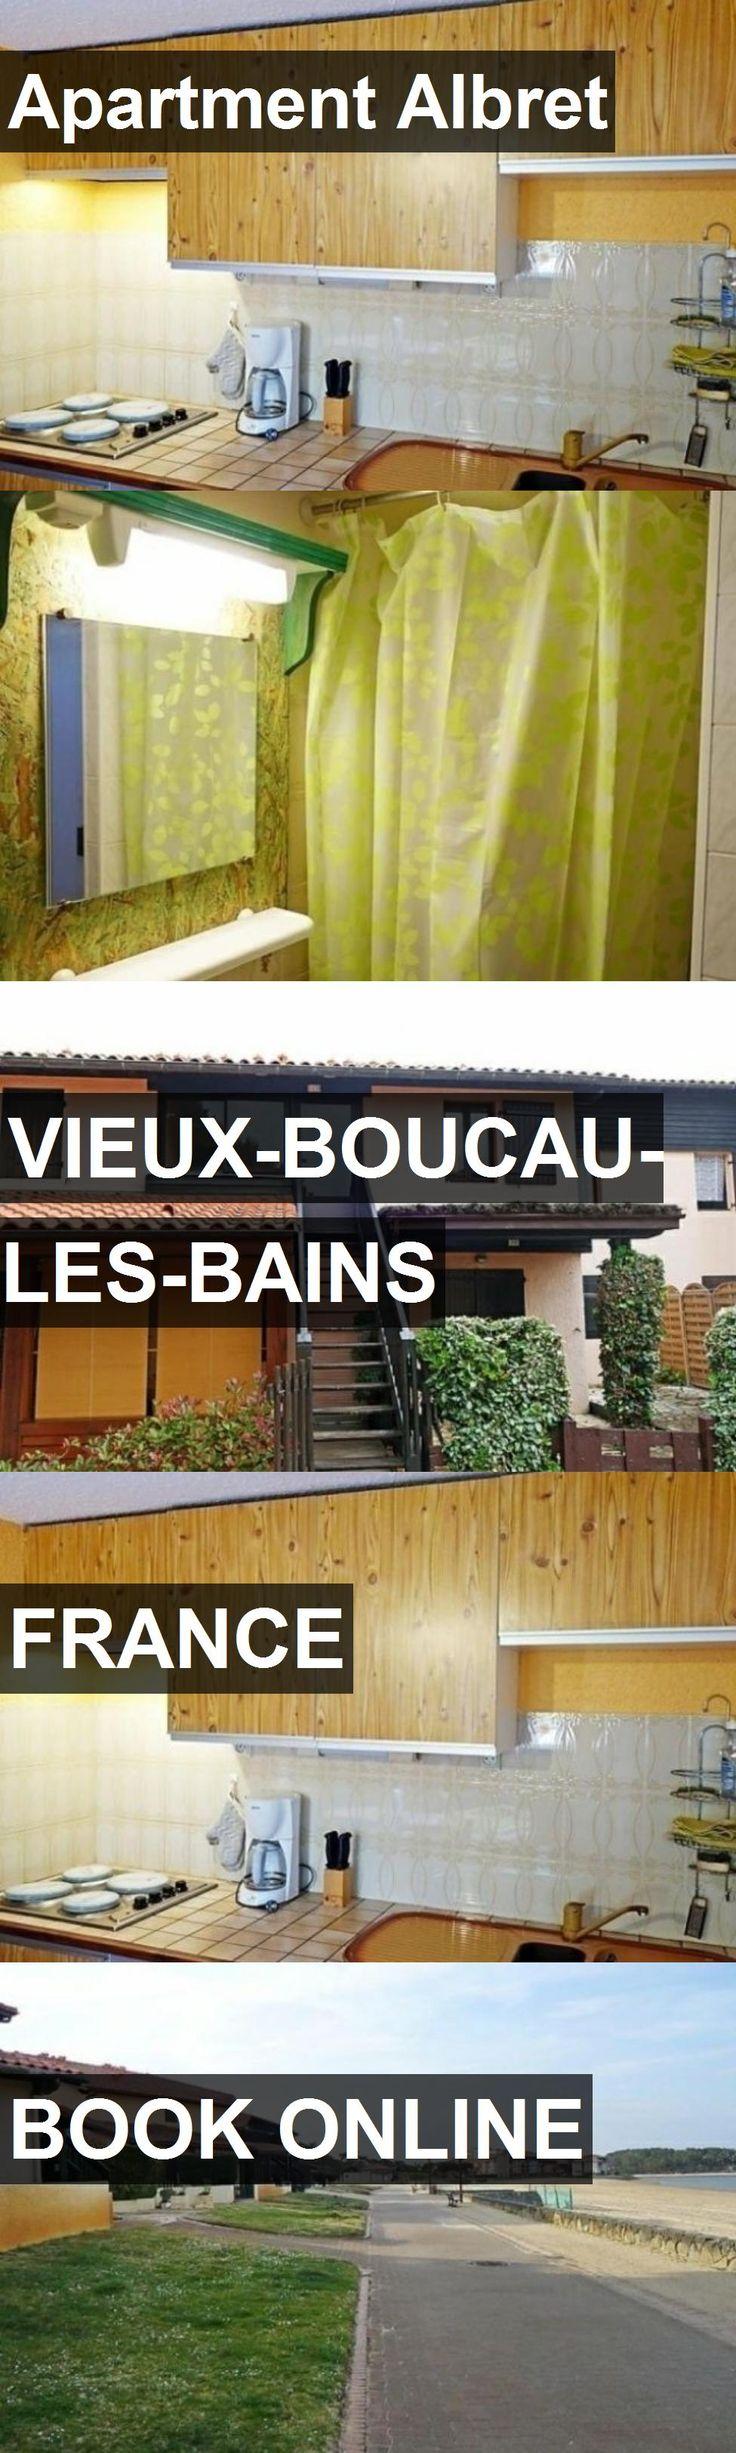 Apartment Albret in Vieux-Boucau-les-Bains, France. For more information, photos, reviews and best prices please follow the link. #France #Vieux-Boucau-les-Bains #travel #vacation #apartment